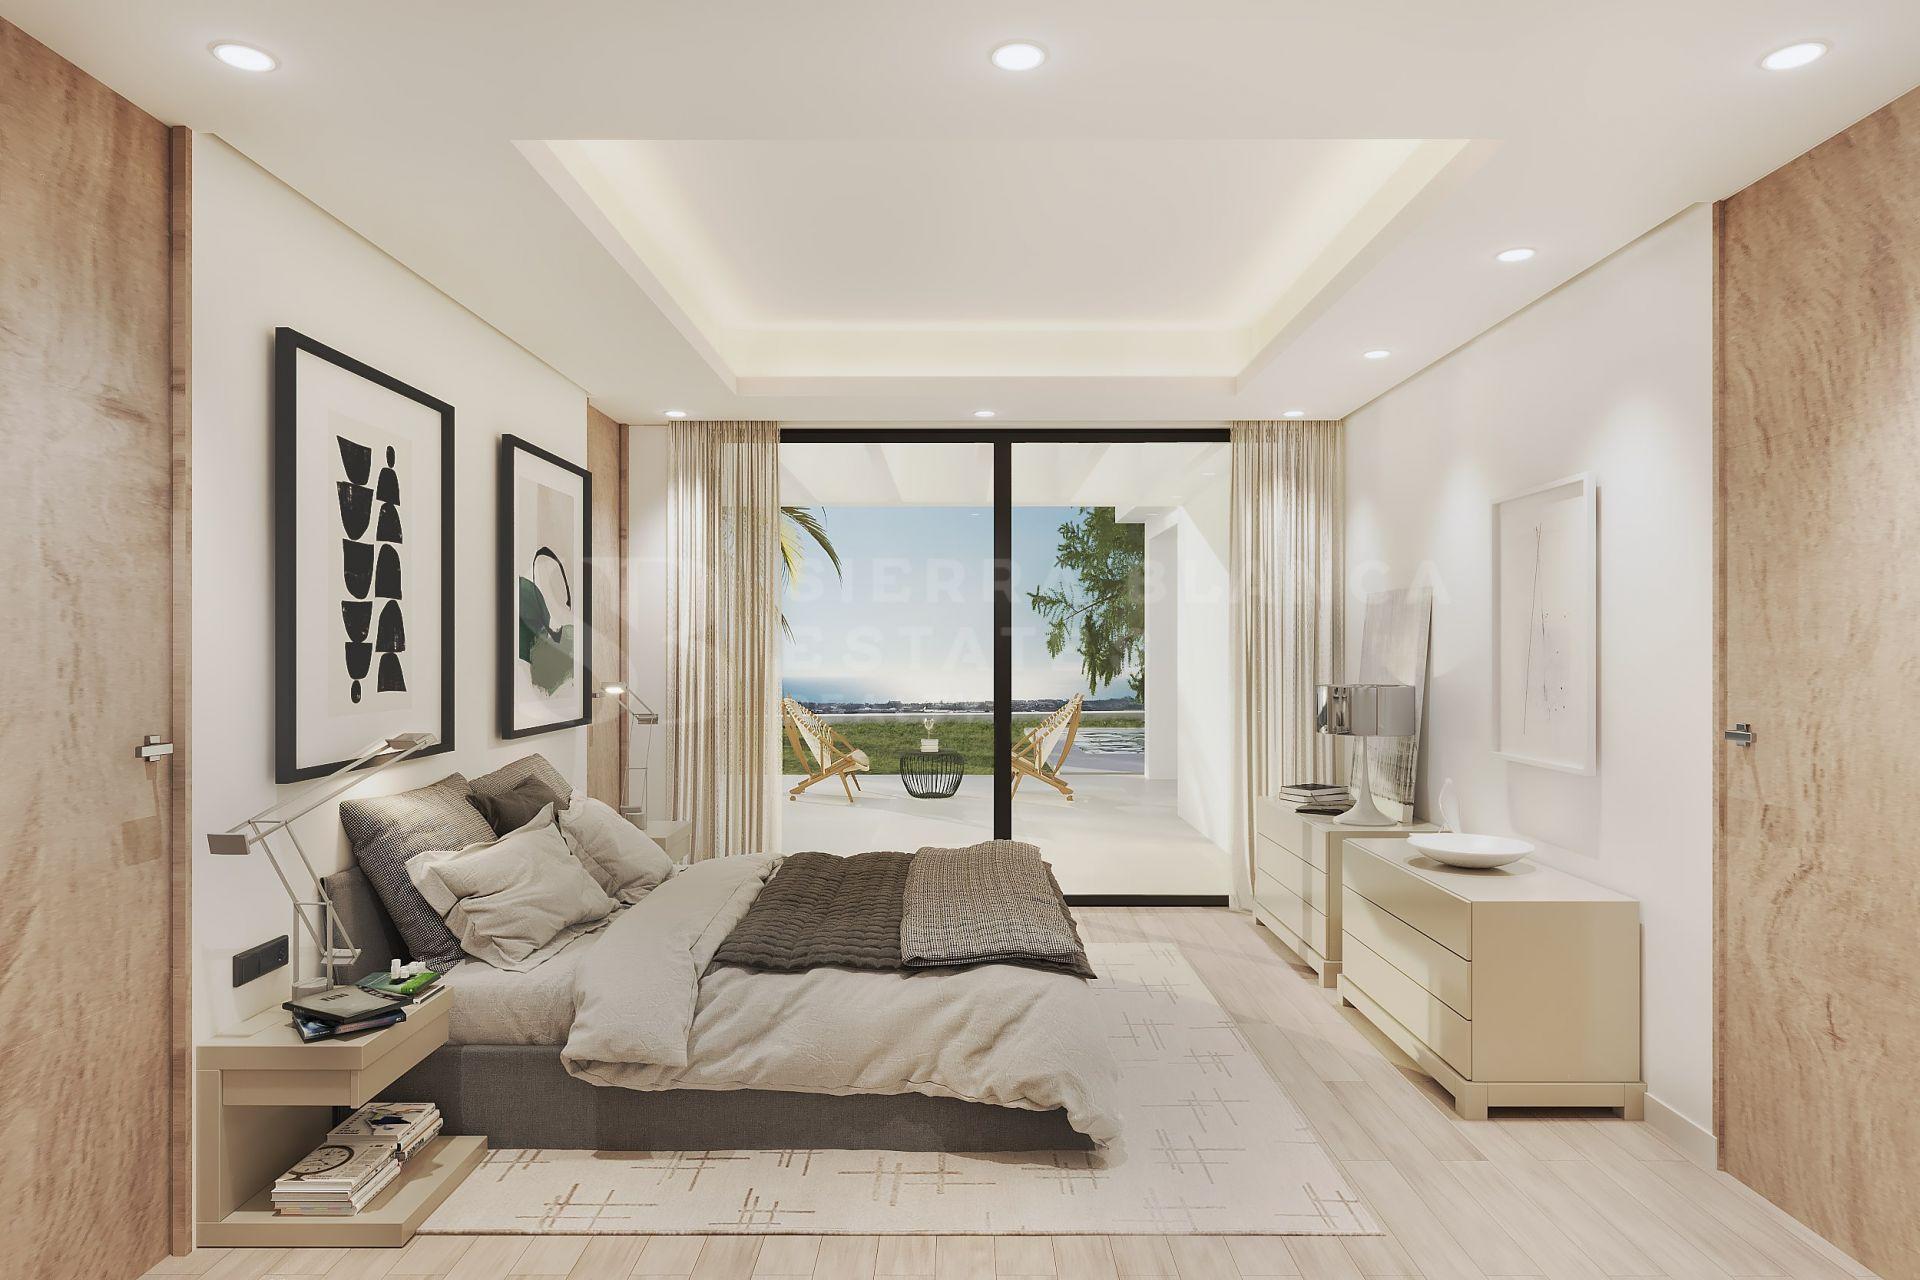 Villa contemporaine avec vue panoramique sur la mer à Los Flamingos